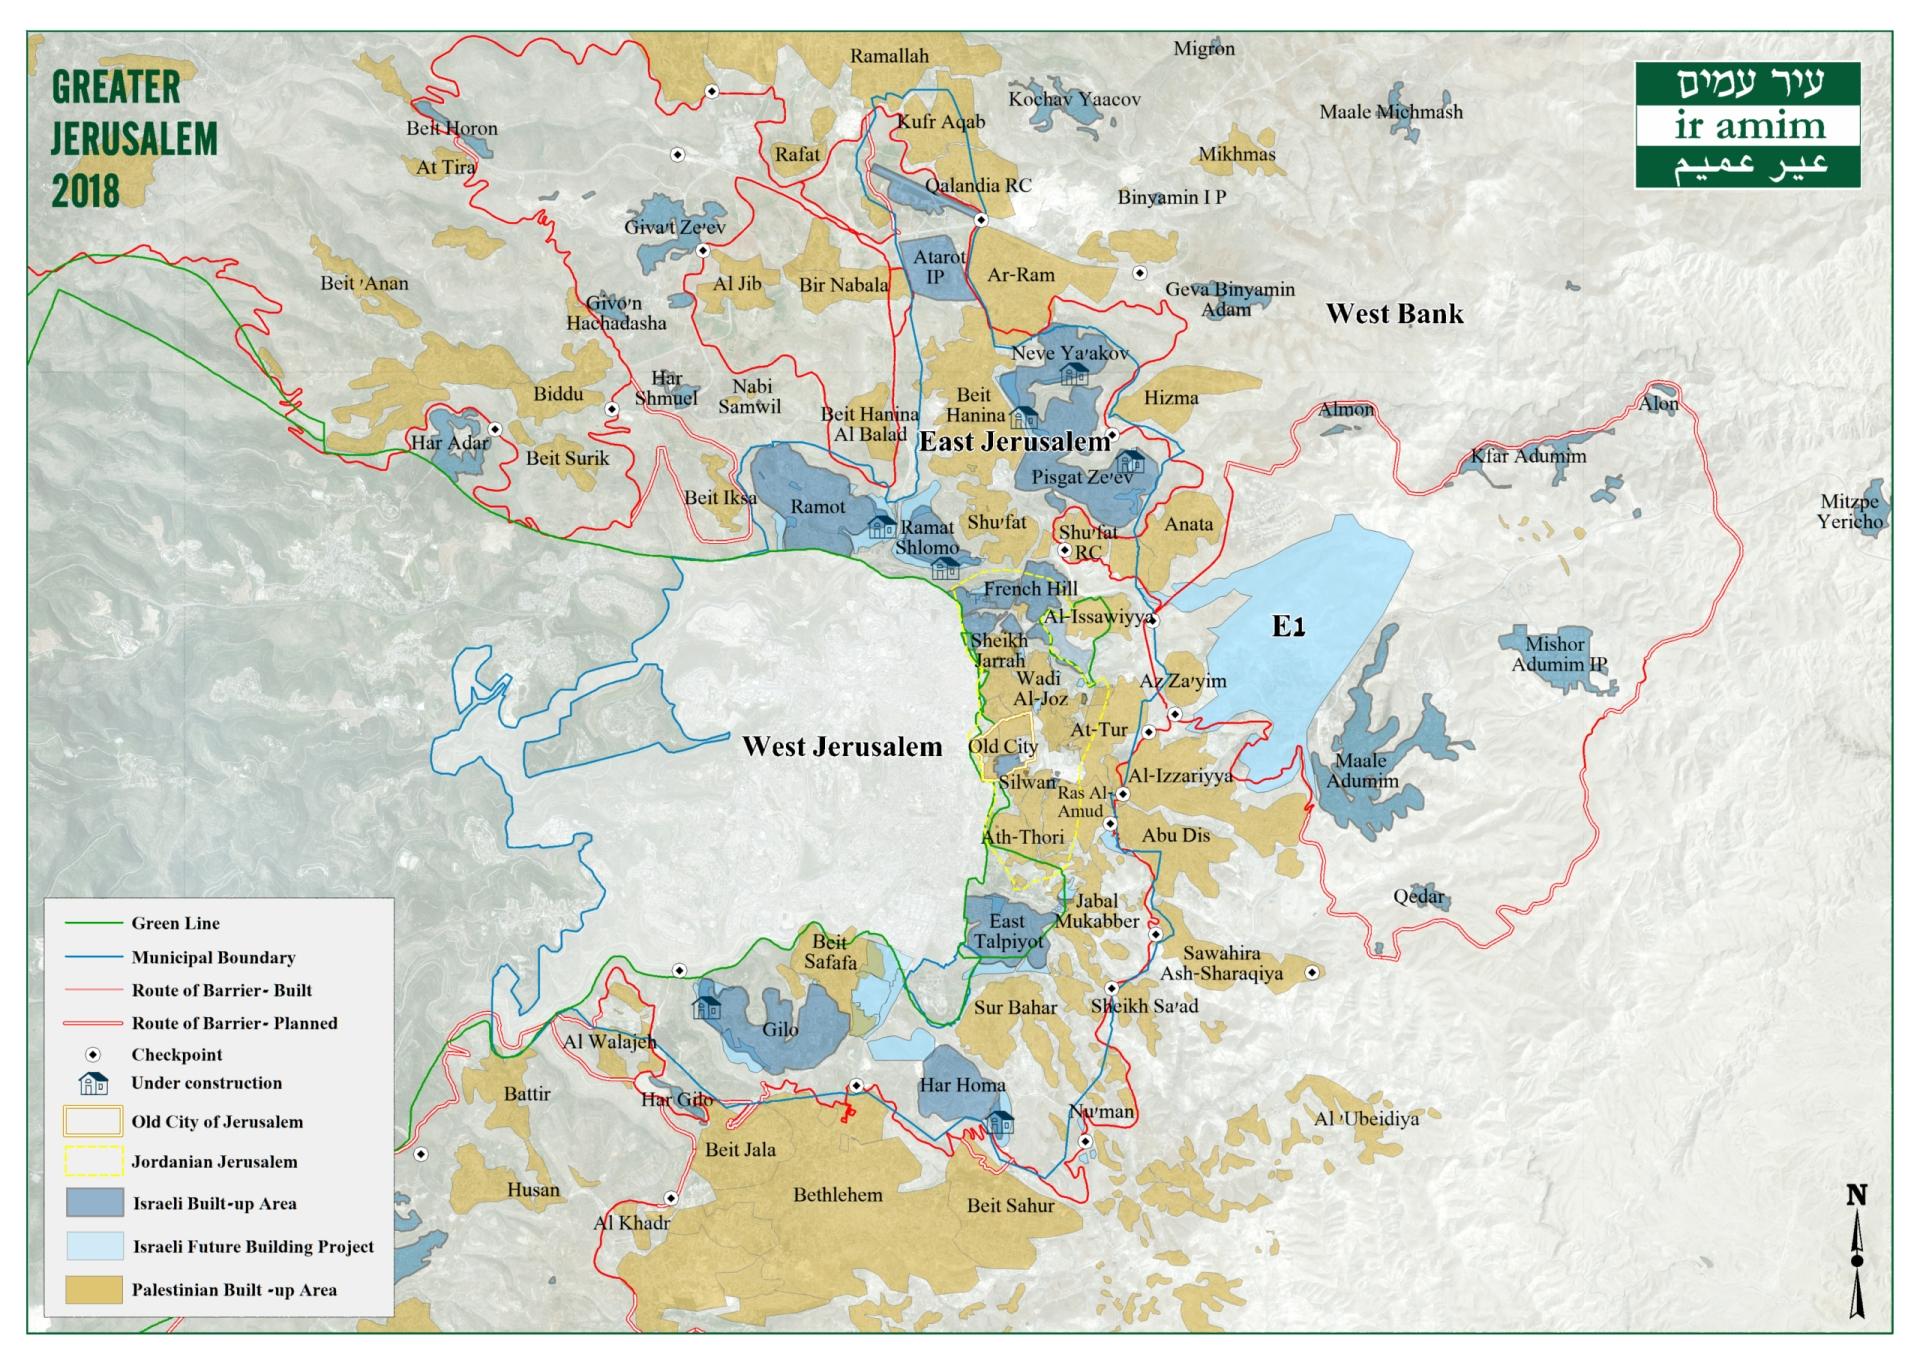 Greater Jerusalem 2018